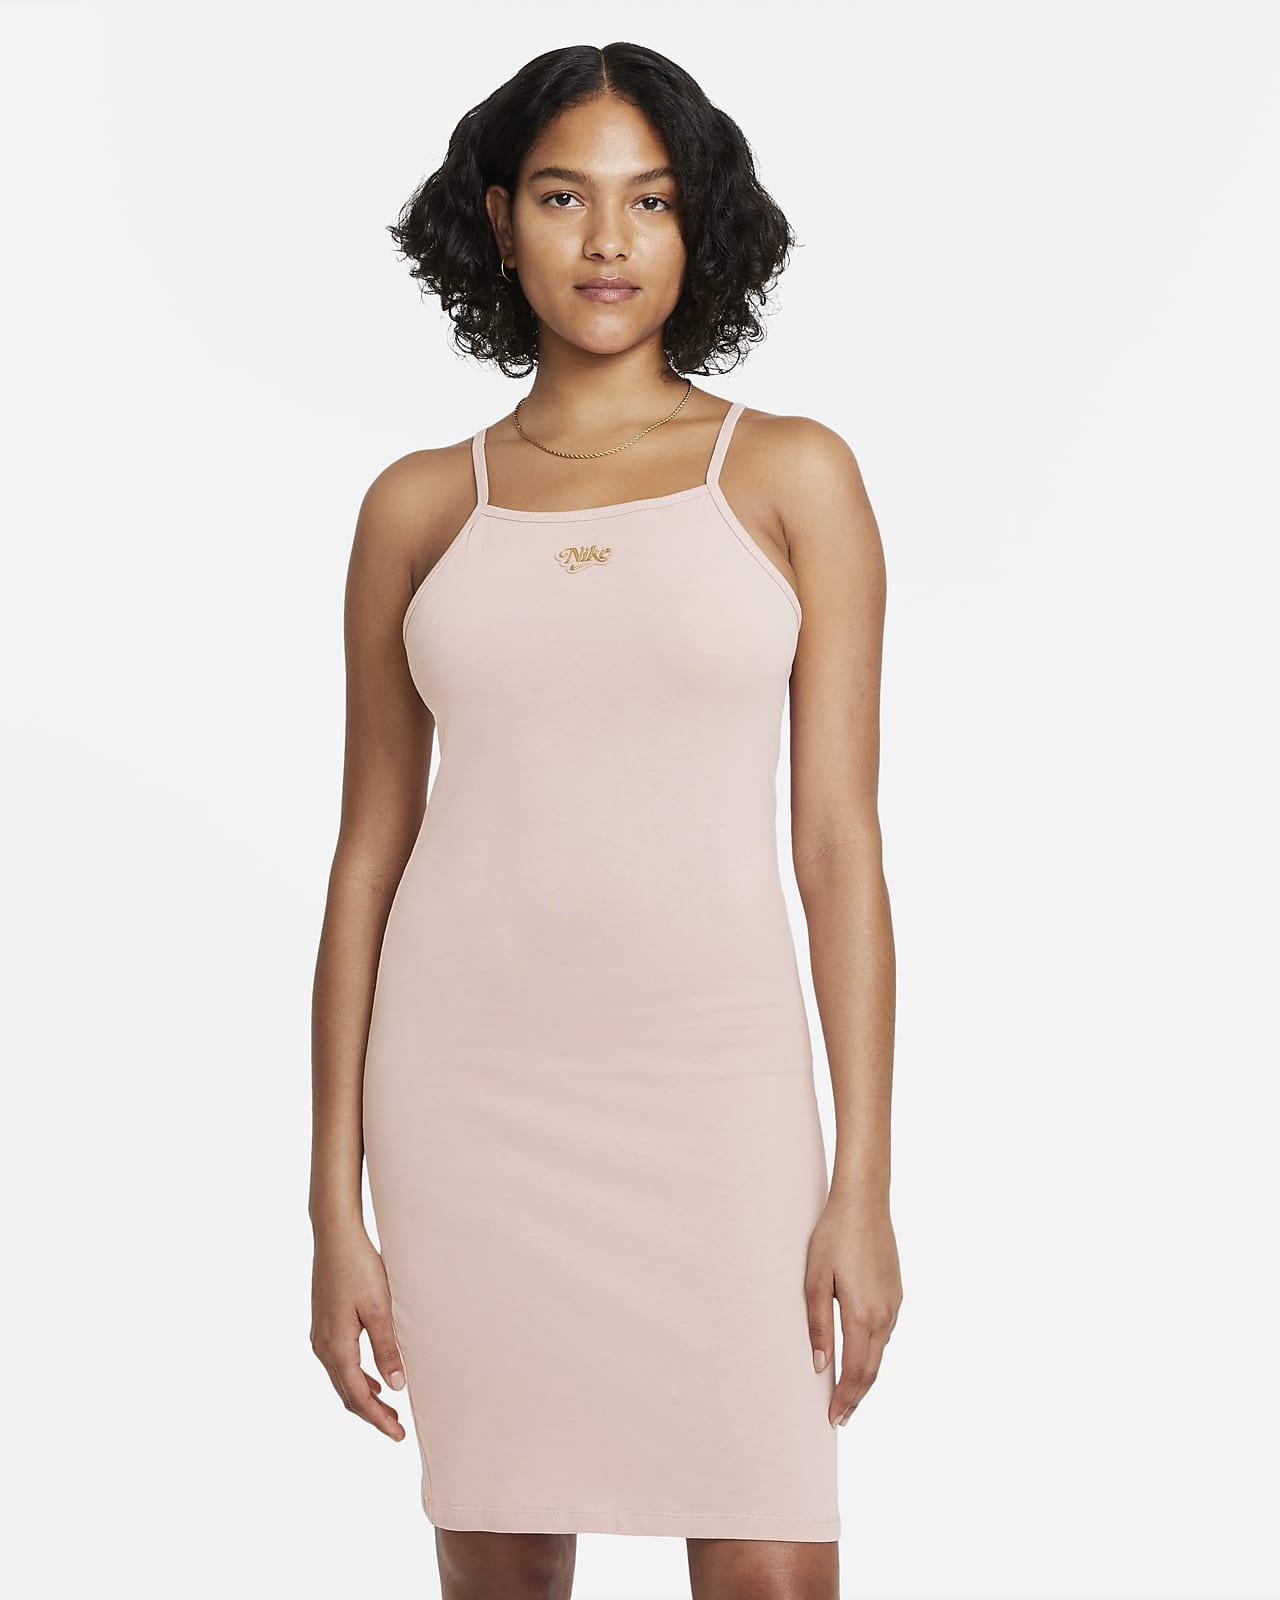 Klänning Nike Sportswear Femme för kvinnor